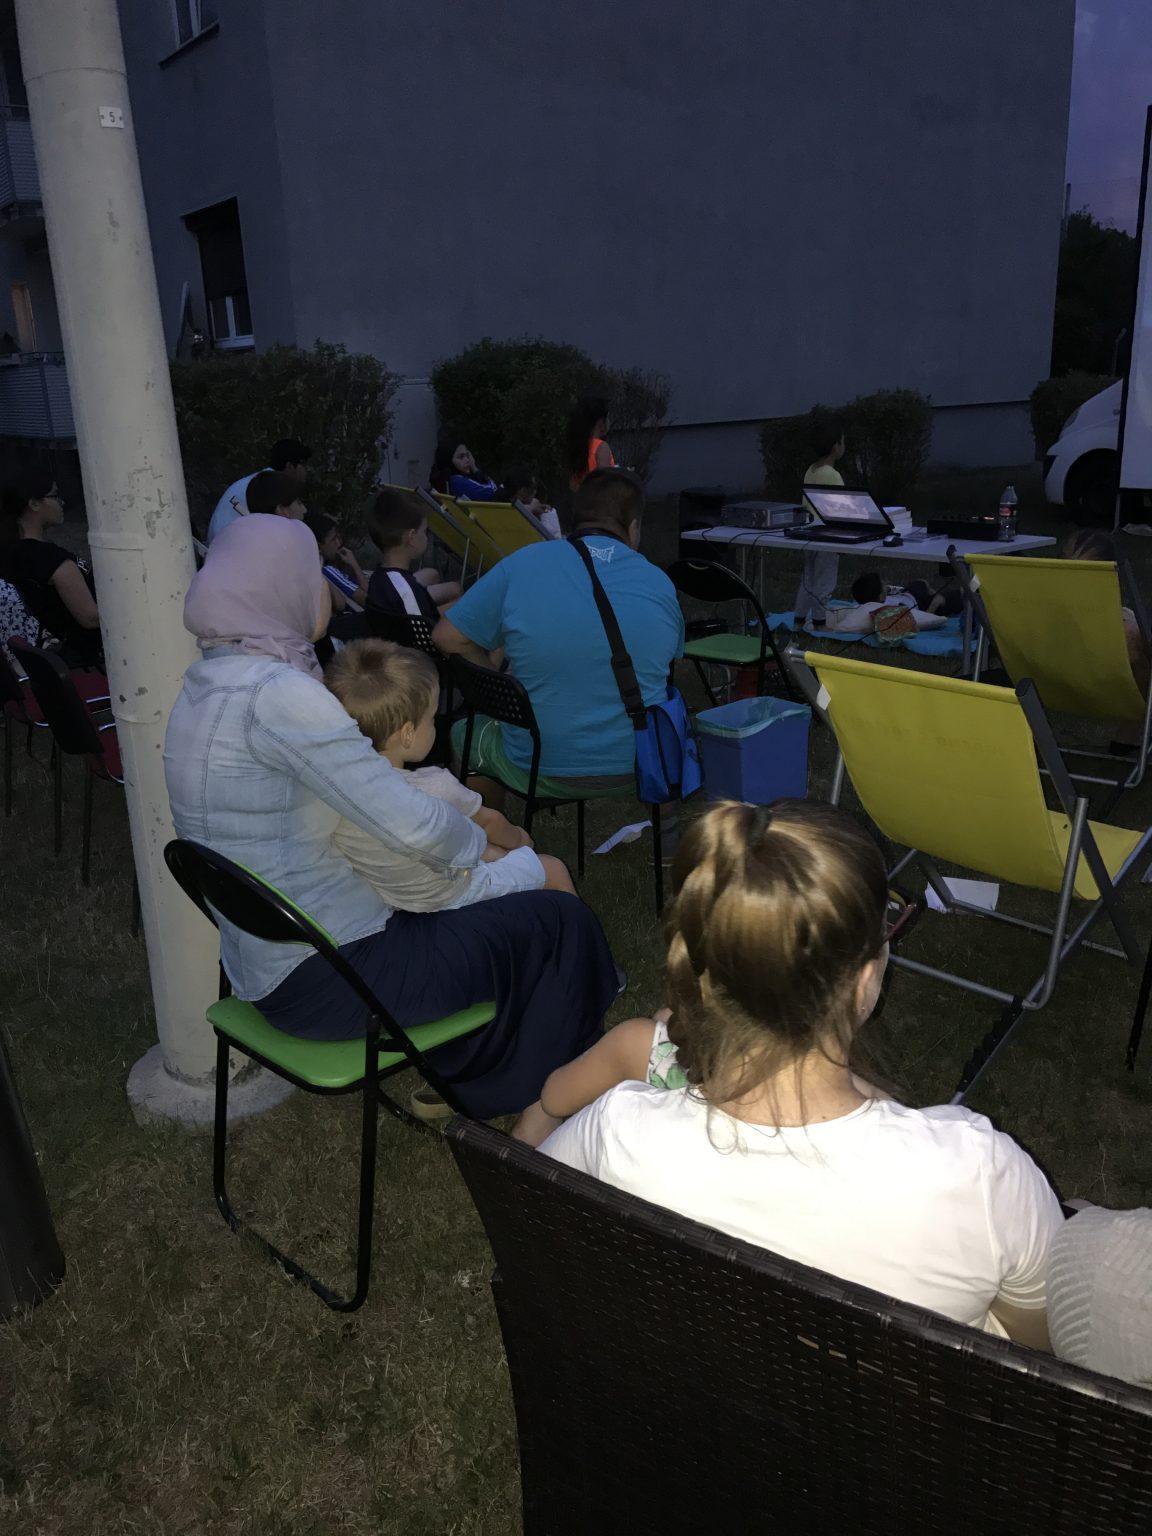 http://vjf.at/netzwerk-sued/wp-content/uploads/sites/18/2017/08/kino1.jpg